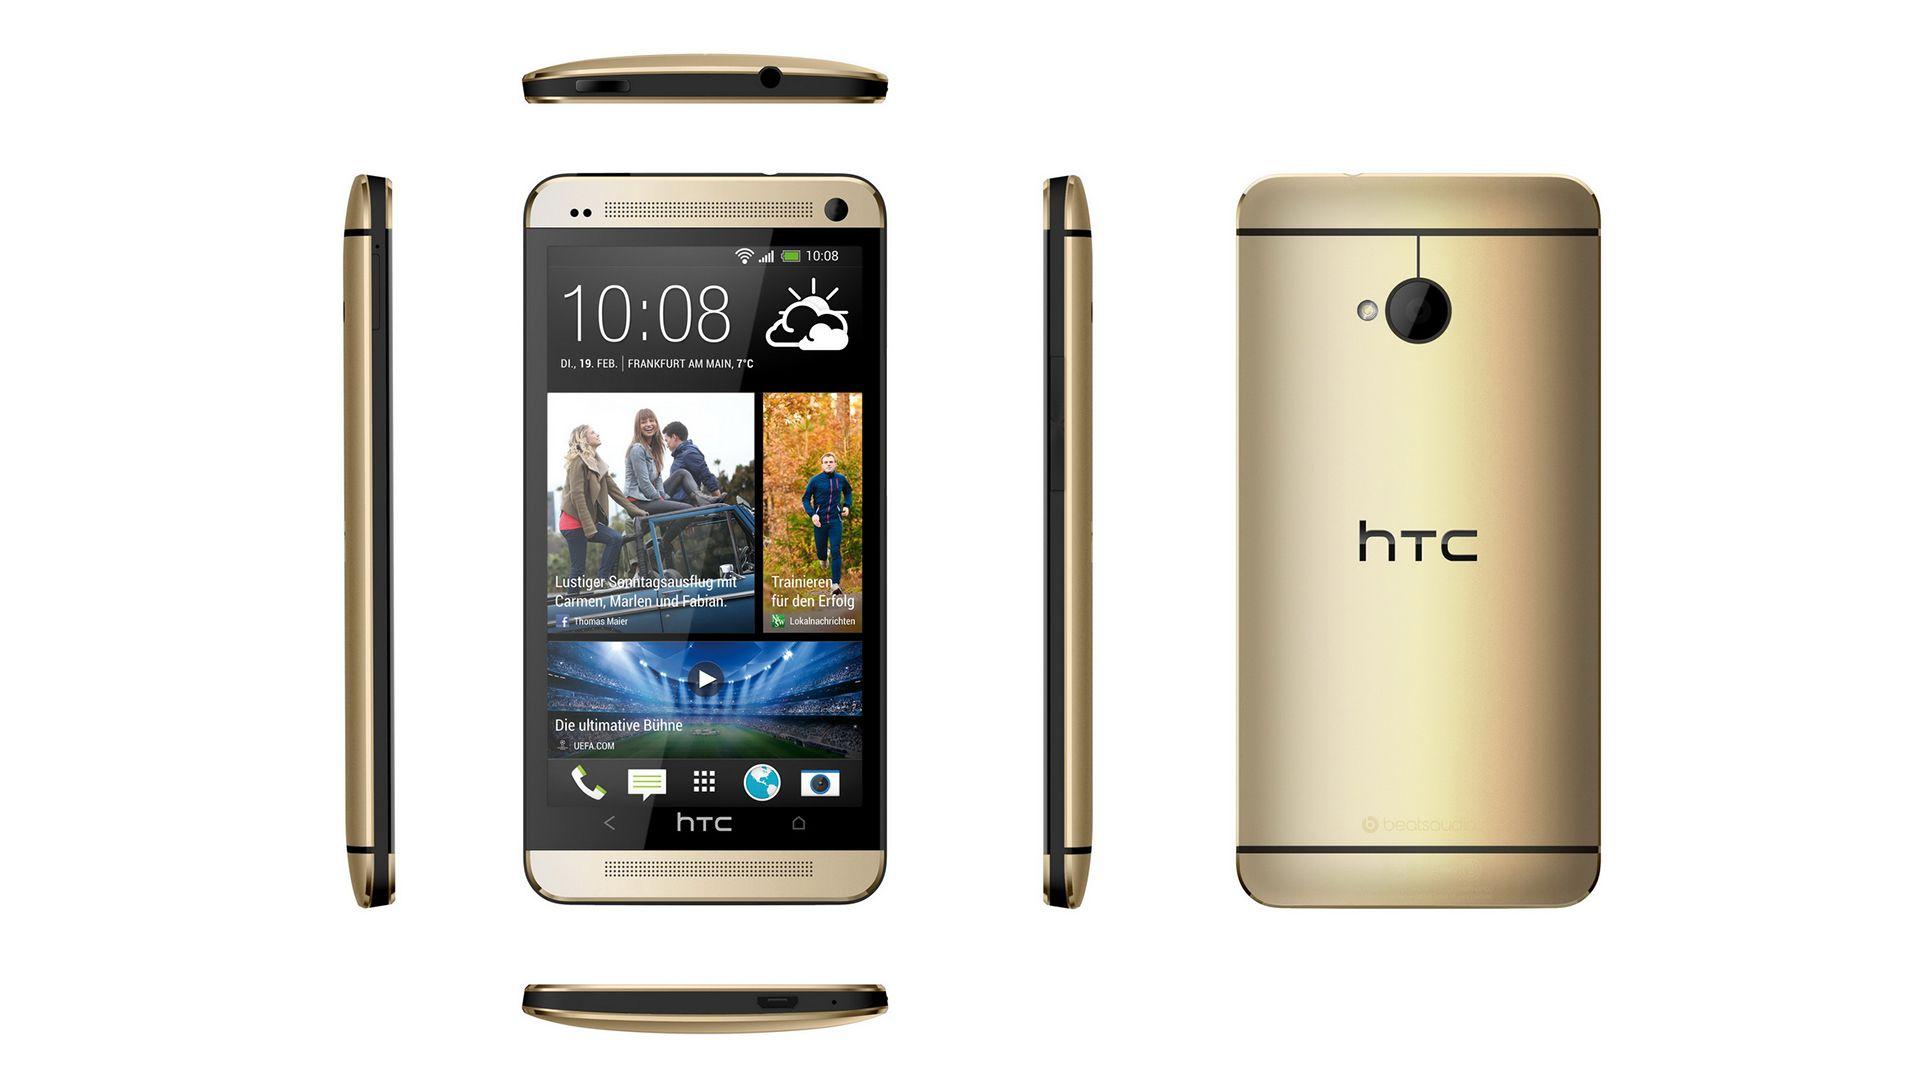 因應金馬年到來,HTC One、One max 與 Butterfly s 將推金色款 - http://chinese.vr-zone.com/93179/htc-said-to-launch-gold-versions-for-htc-one-one-max-and-butterfly-s-for-golden-horse-year-12042013/